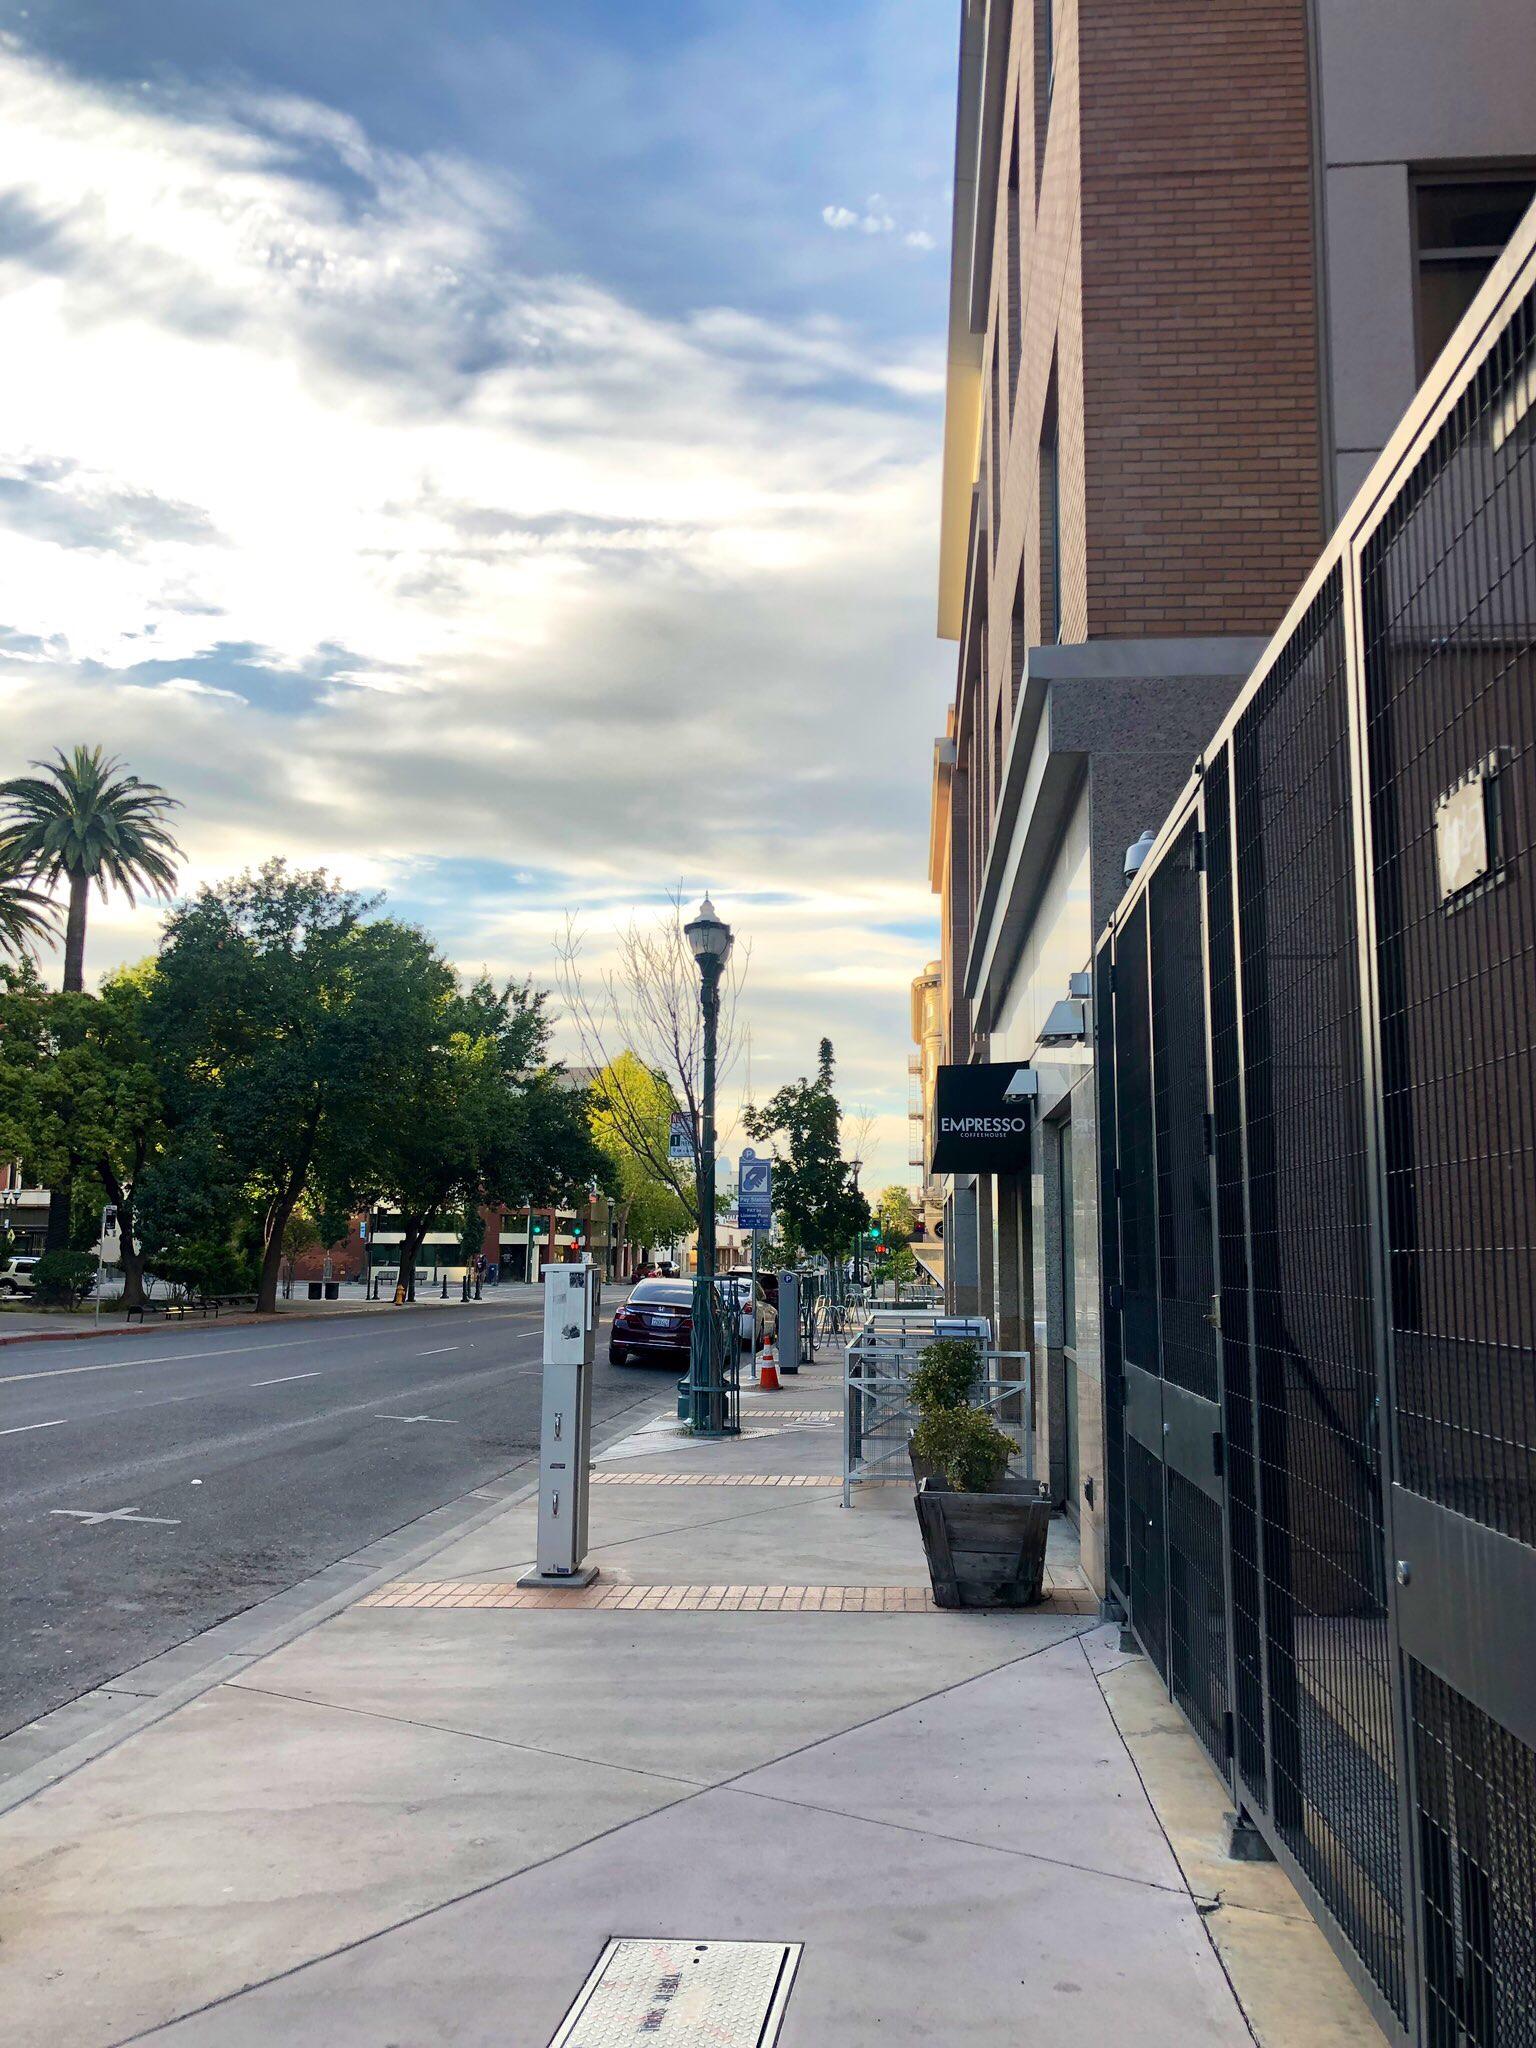 View of Downtown stockton